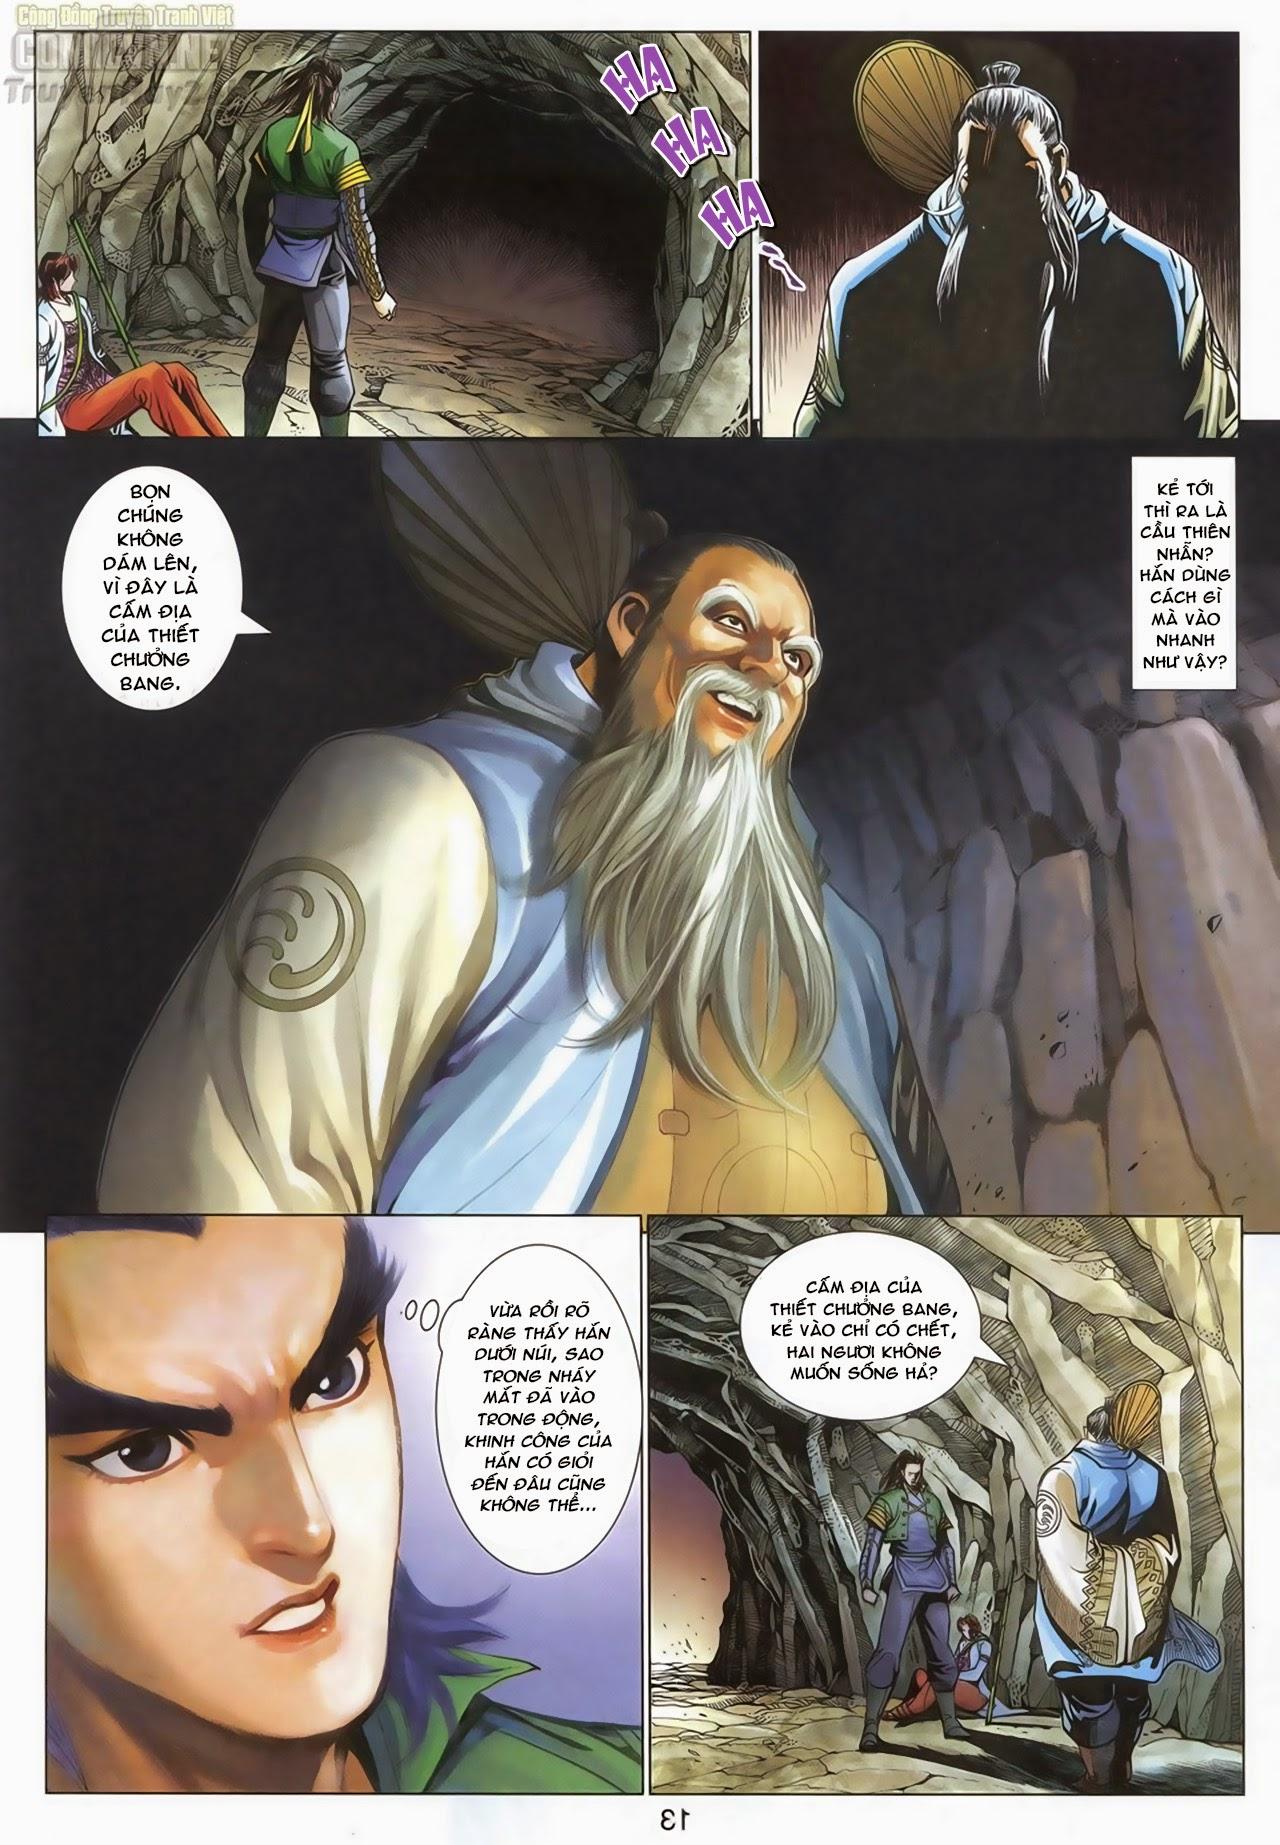 Anh Hùng Xạ Điêu anh hùng xạ đêu chap 69: hồn đoạn thiết chưởng phong trang 14